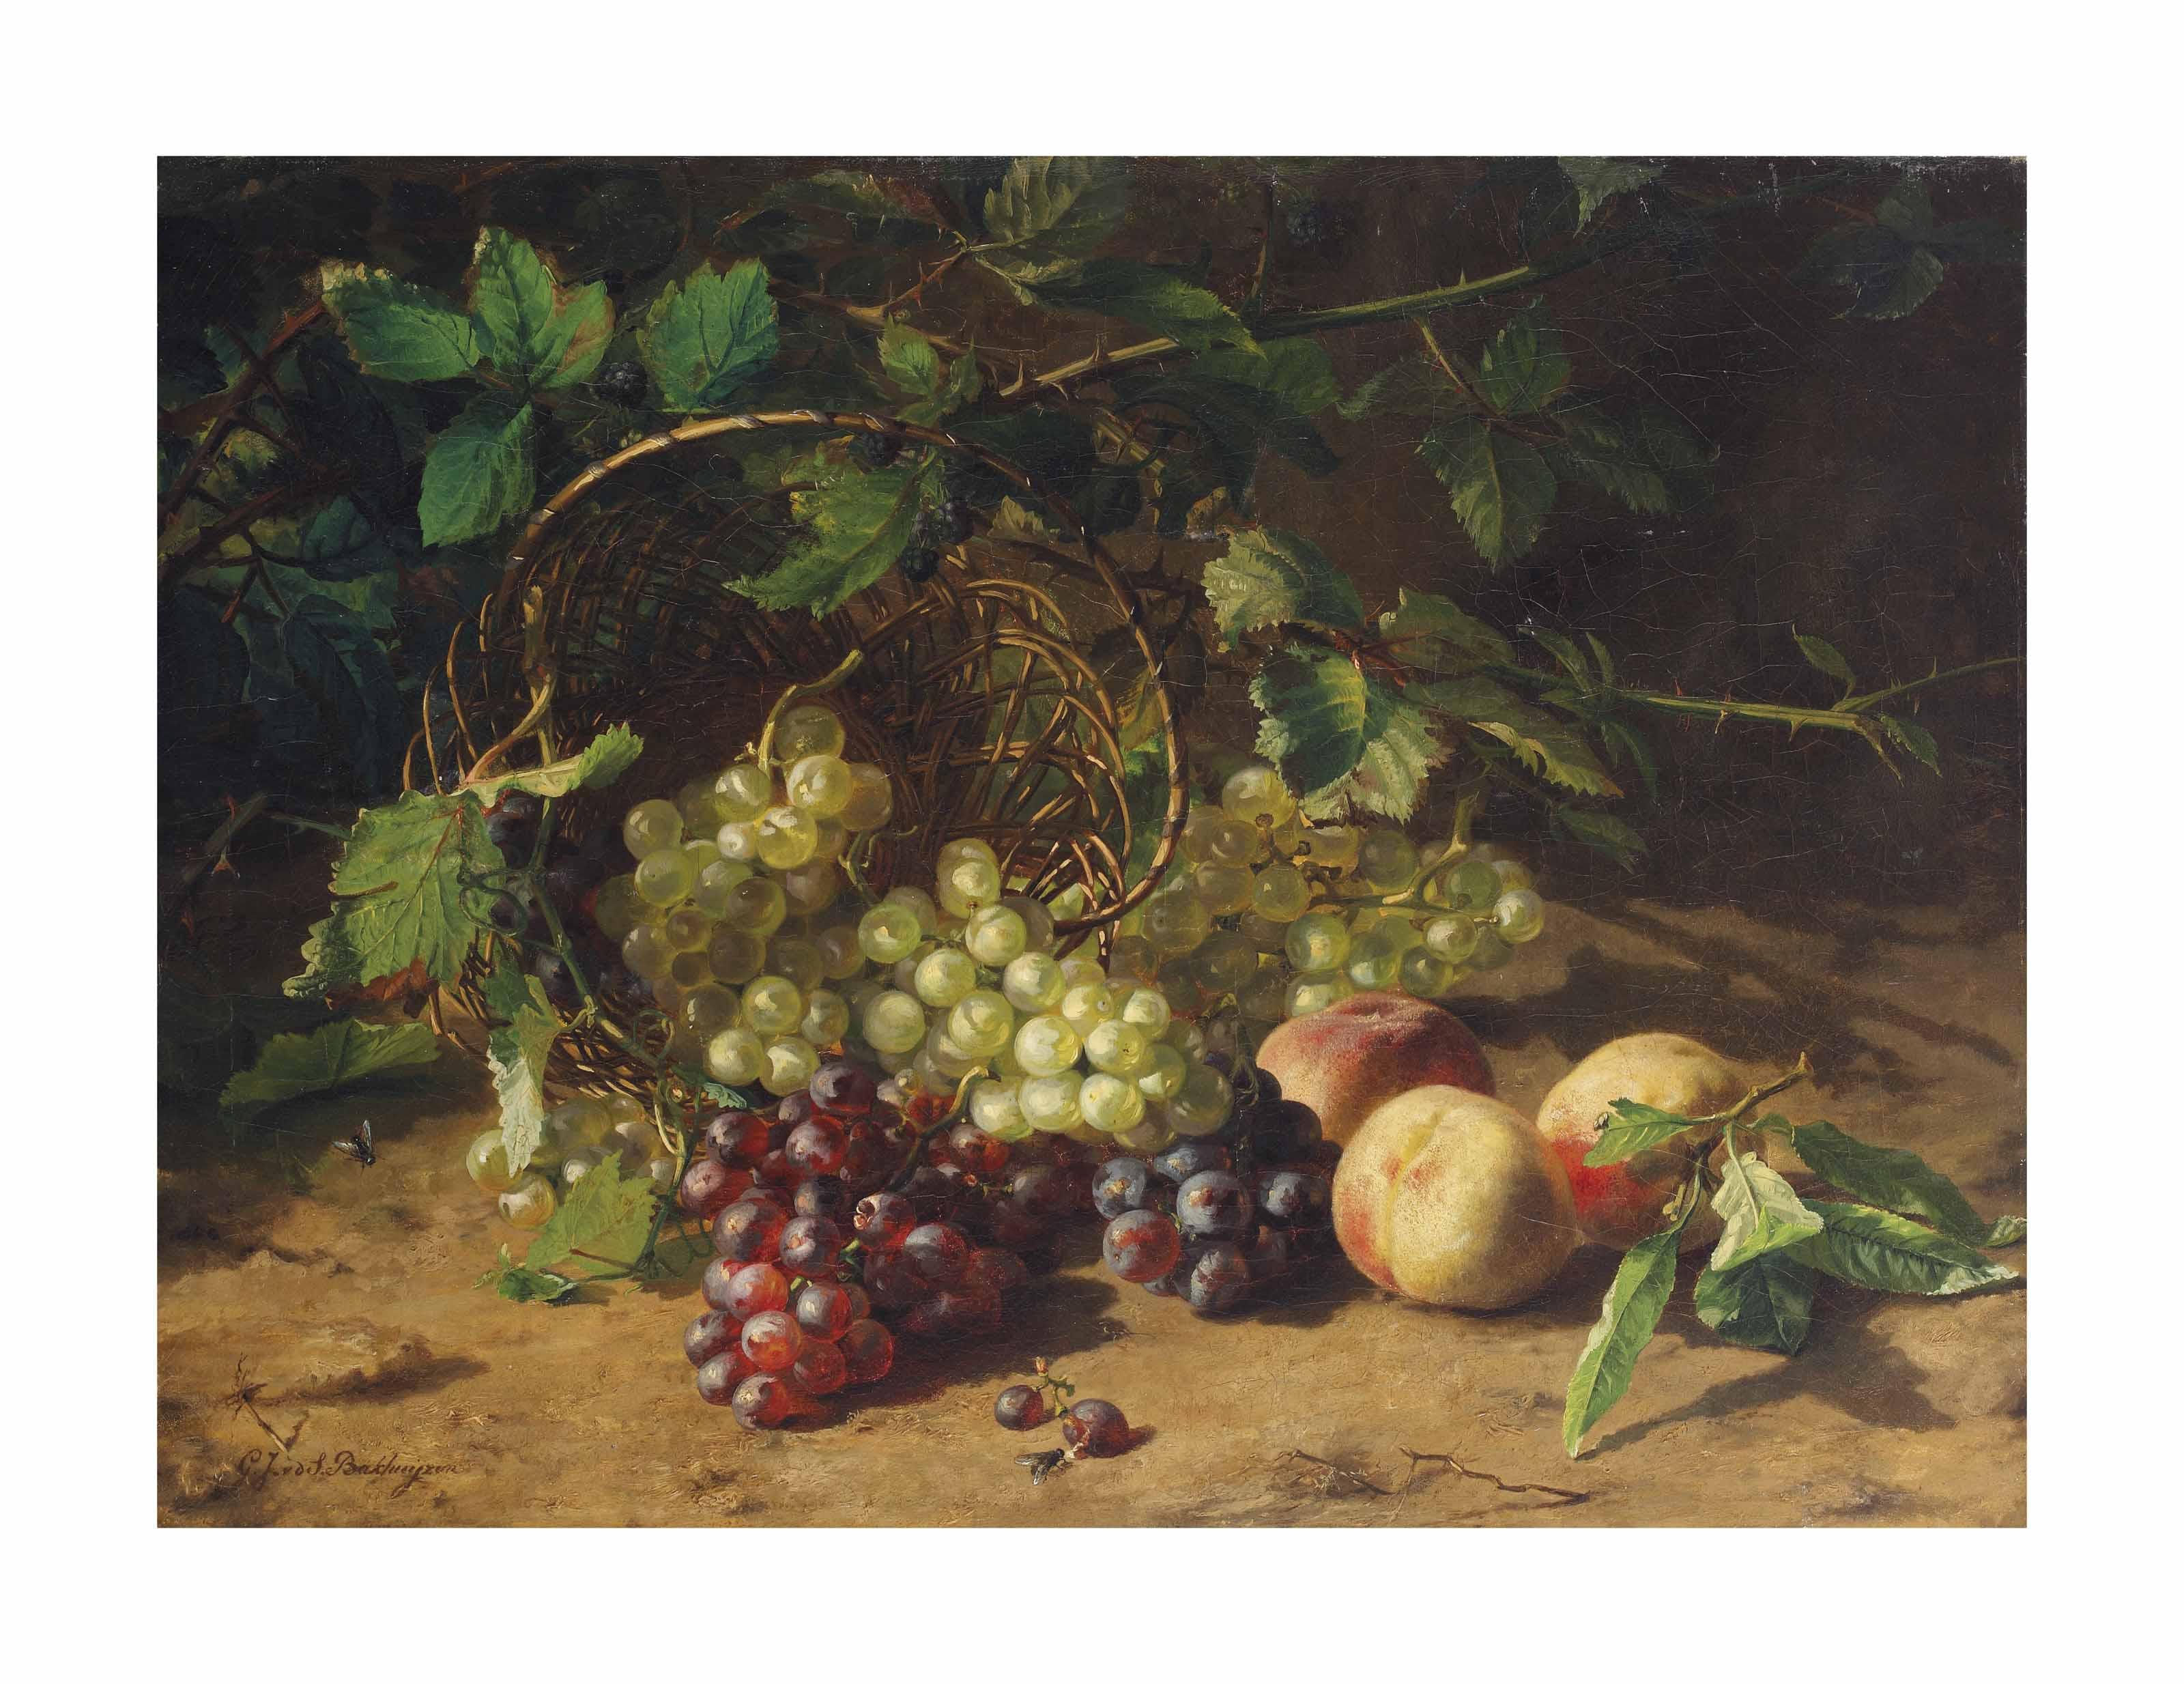 Geraldine Jacoba van de Sande Bakhuyzen (1826-1895)